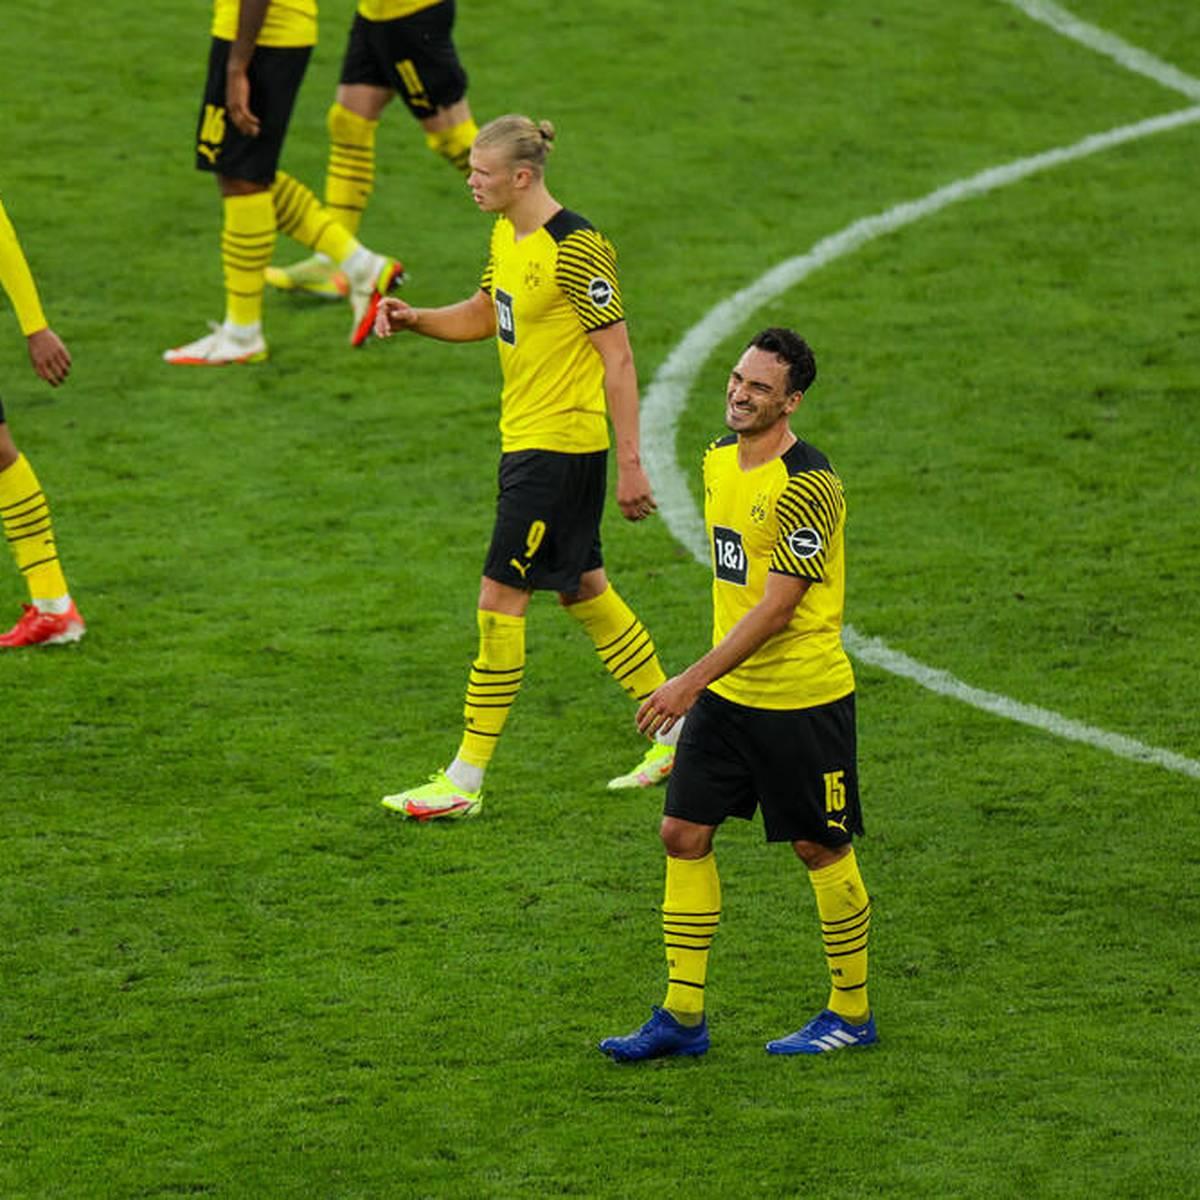 Gegentore ohne Ende: Warum hat Dortmund ein Abwehr-Problem?